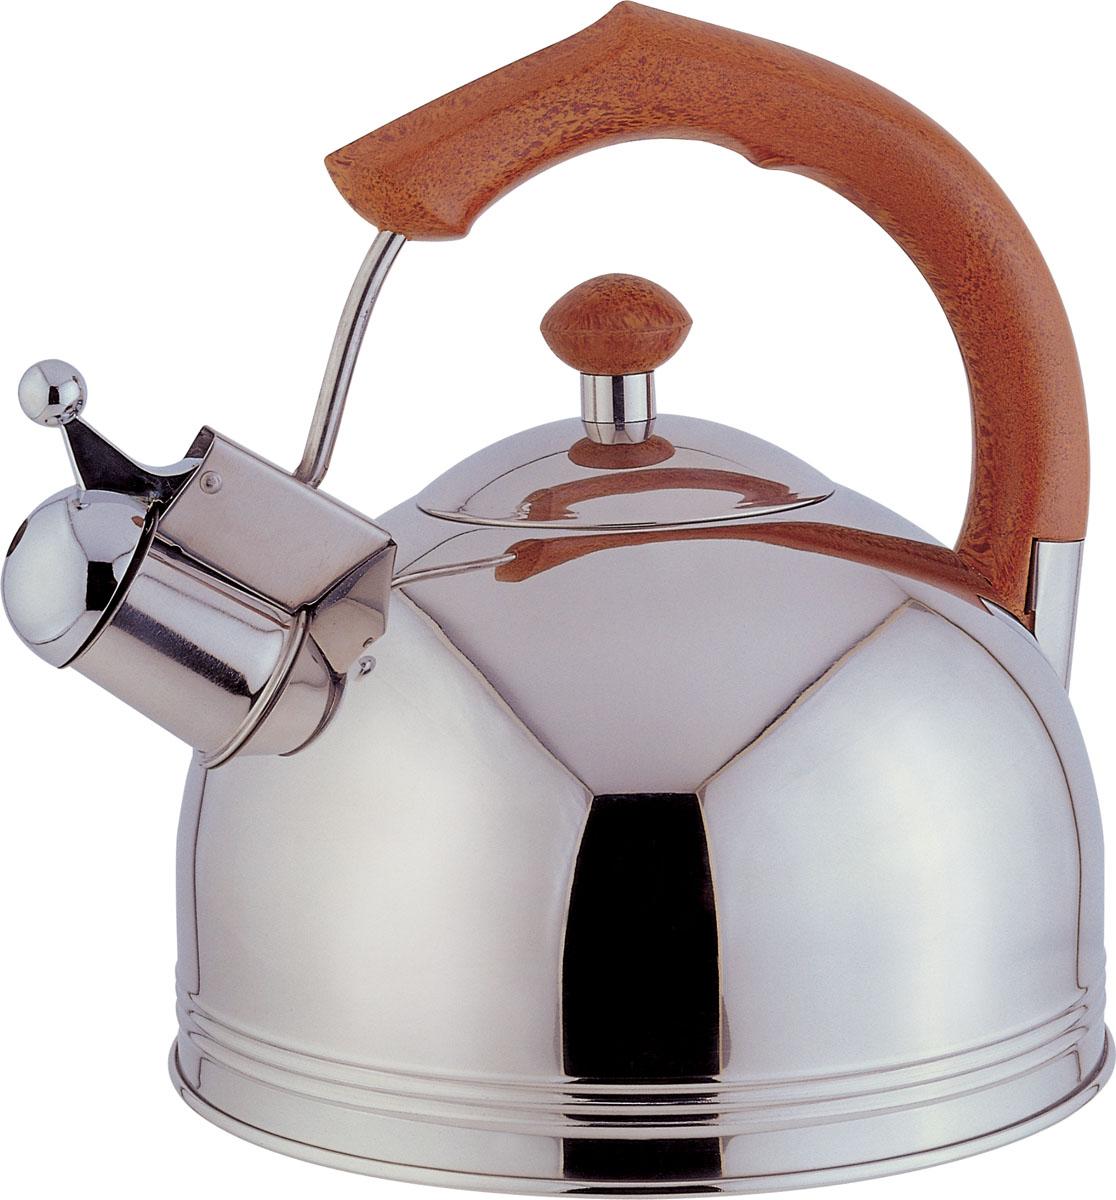 Чайник Bekker Koch со свистком, 3 л. BK-S317BK-S317Чайник Bekker Koch выполнен из высококачественной нержавеющей стали, что обеспечивает долговечность использования. Внешнее зеркальное покрытие придает приятный внешний вид. Пластиковая фиксированная ручка делает использование чайника очень удобным и безопасным. Чайник снабжен свистком и устройством для открывания носика. Изделие оснащено капсулированным дном для лучшего распространения тепла.Можно мыть в посудомоечной машине. Пригоден для всех видов плит кроме индукционных. Высота чайника (без учета крышки и ручки): 11,5 см. Диаметр основания: 20 см.Толщина стенки: 3 мм.